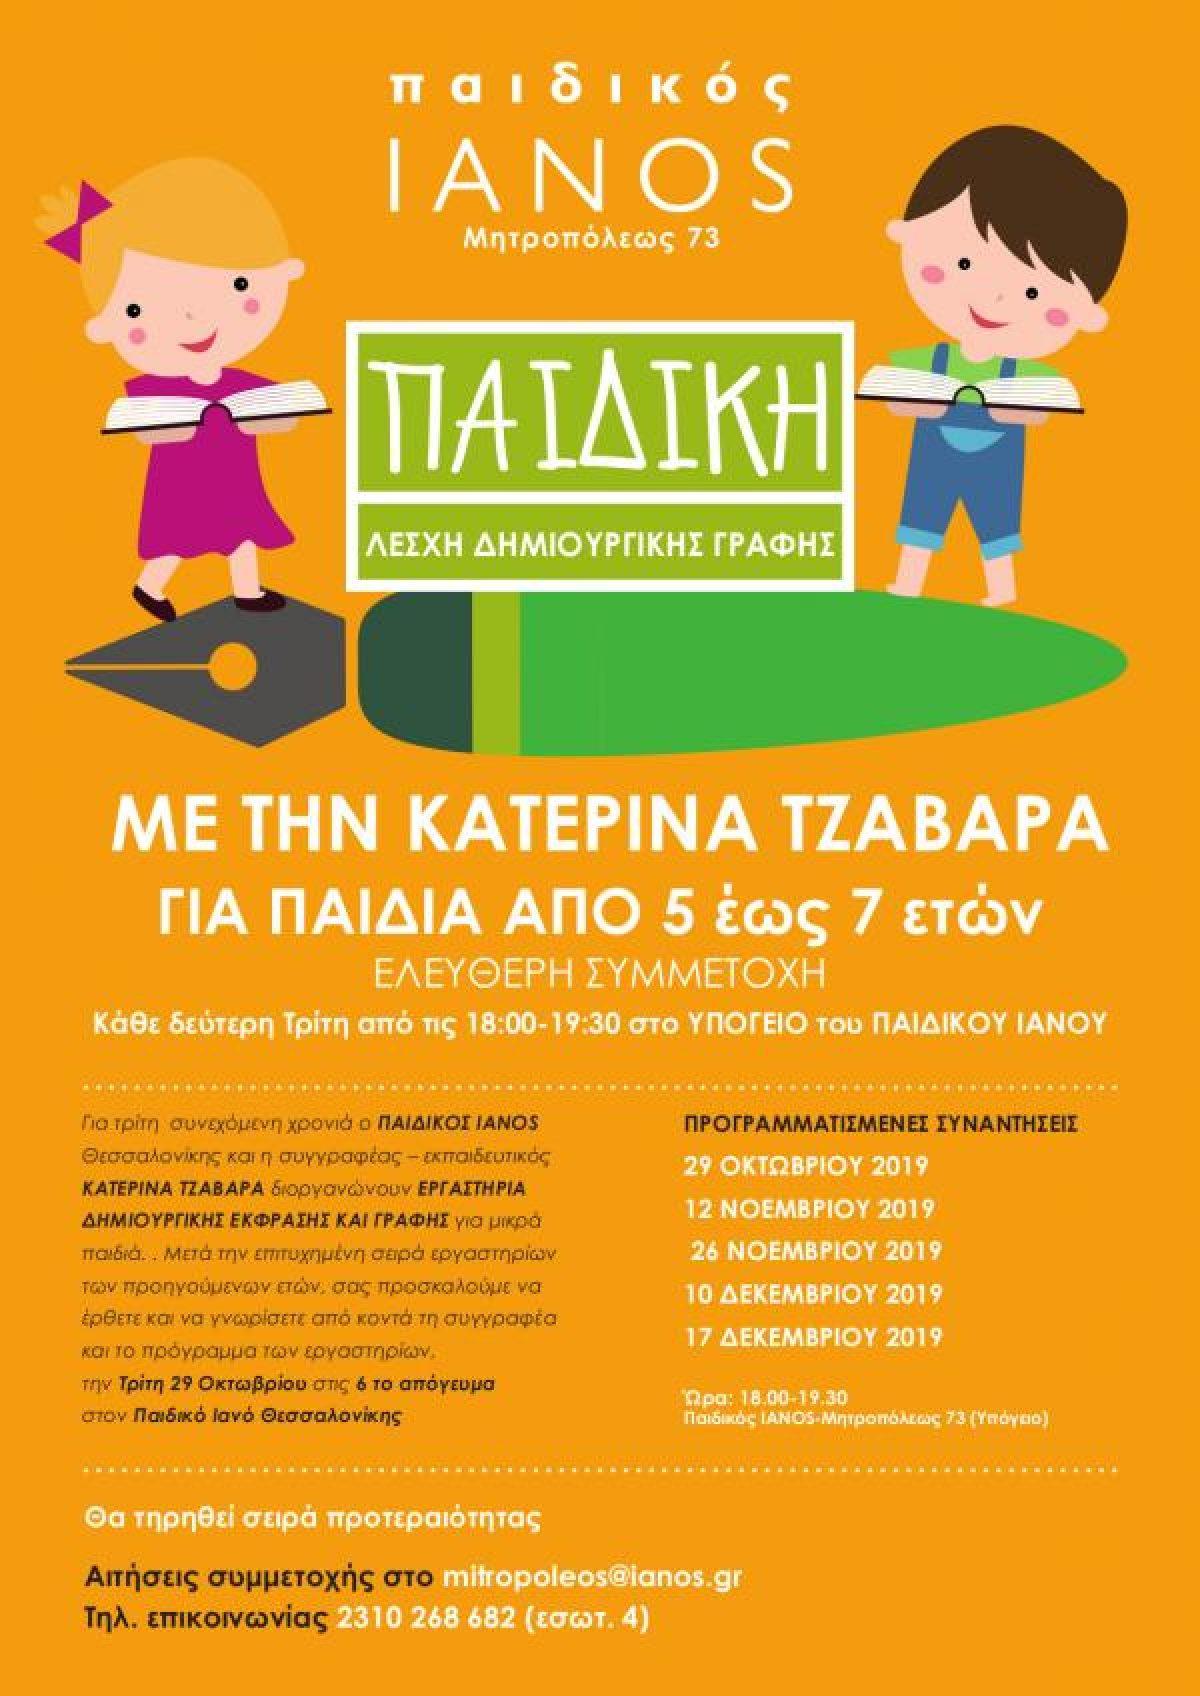 Εργαστήρια Δημιουργικής Έκφρασης και Γραφής για μικρά παιδιά με την Κατερίνα Τζαβάρα